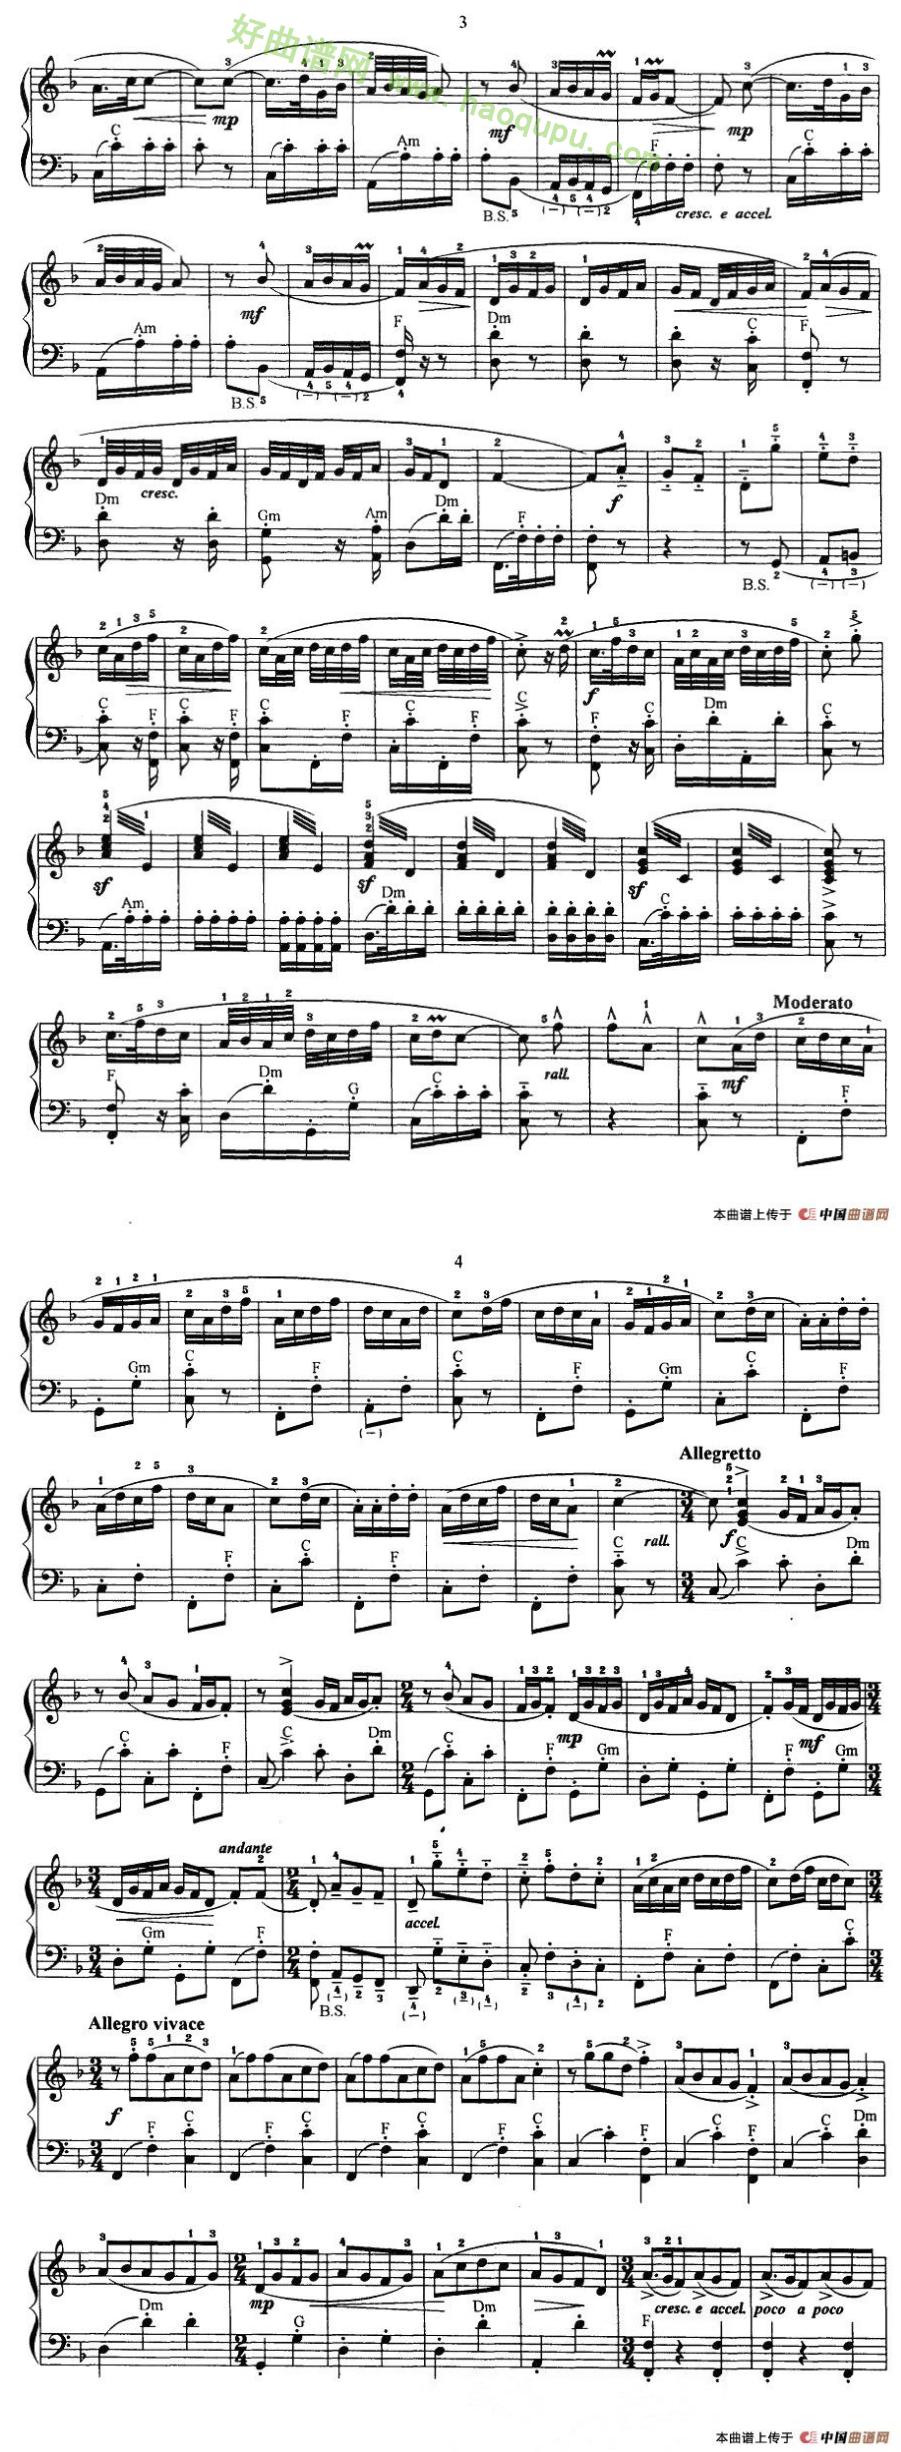 《夜深沉》(京剧曲牌) - 手风琴曲谱_手风琴简谱_歌谱